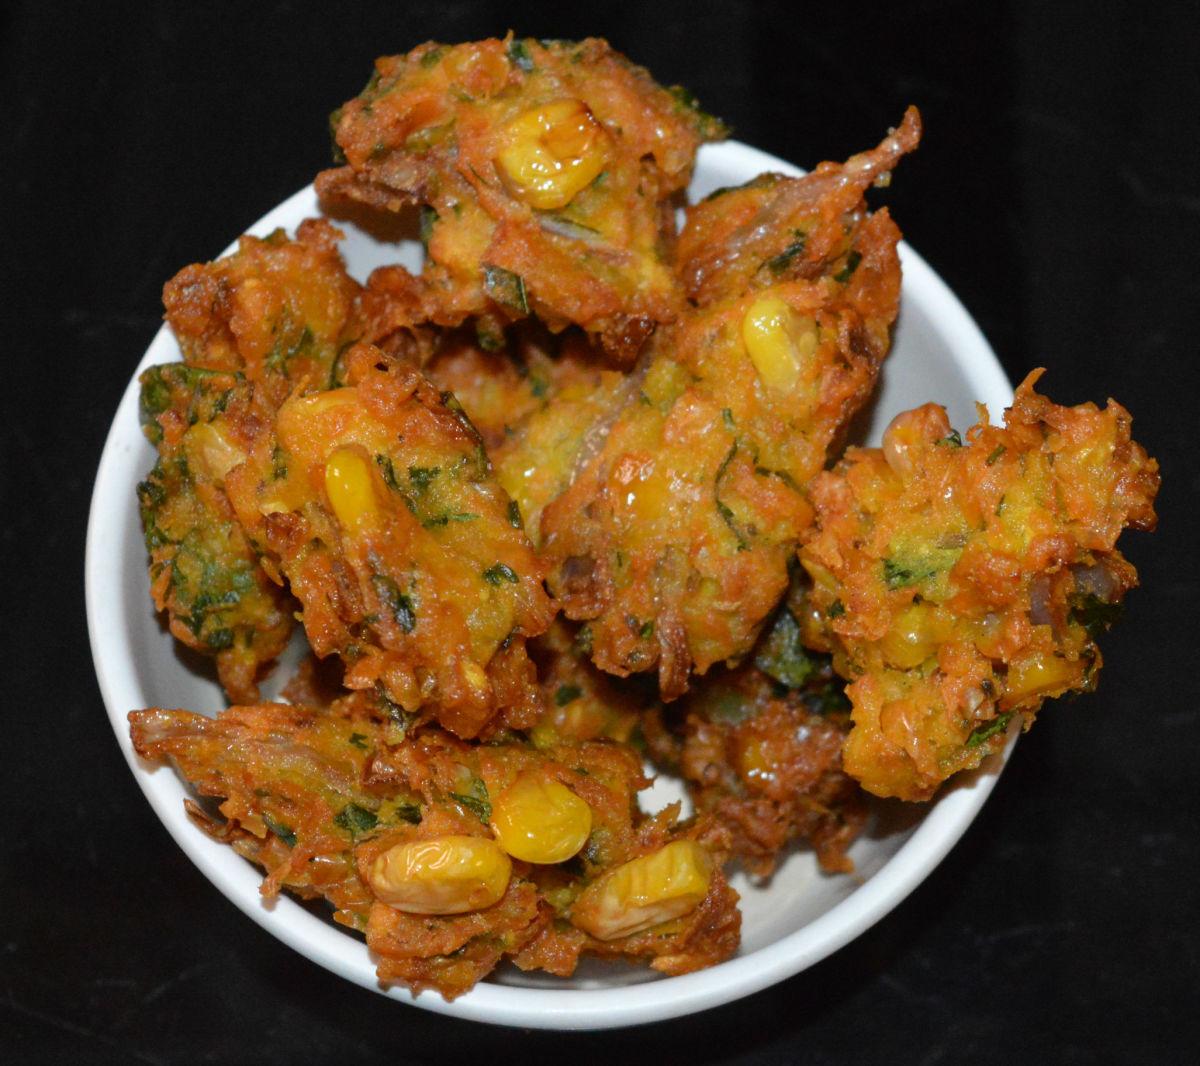 Corn fritters (corn pakora), ready to eat.